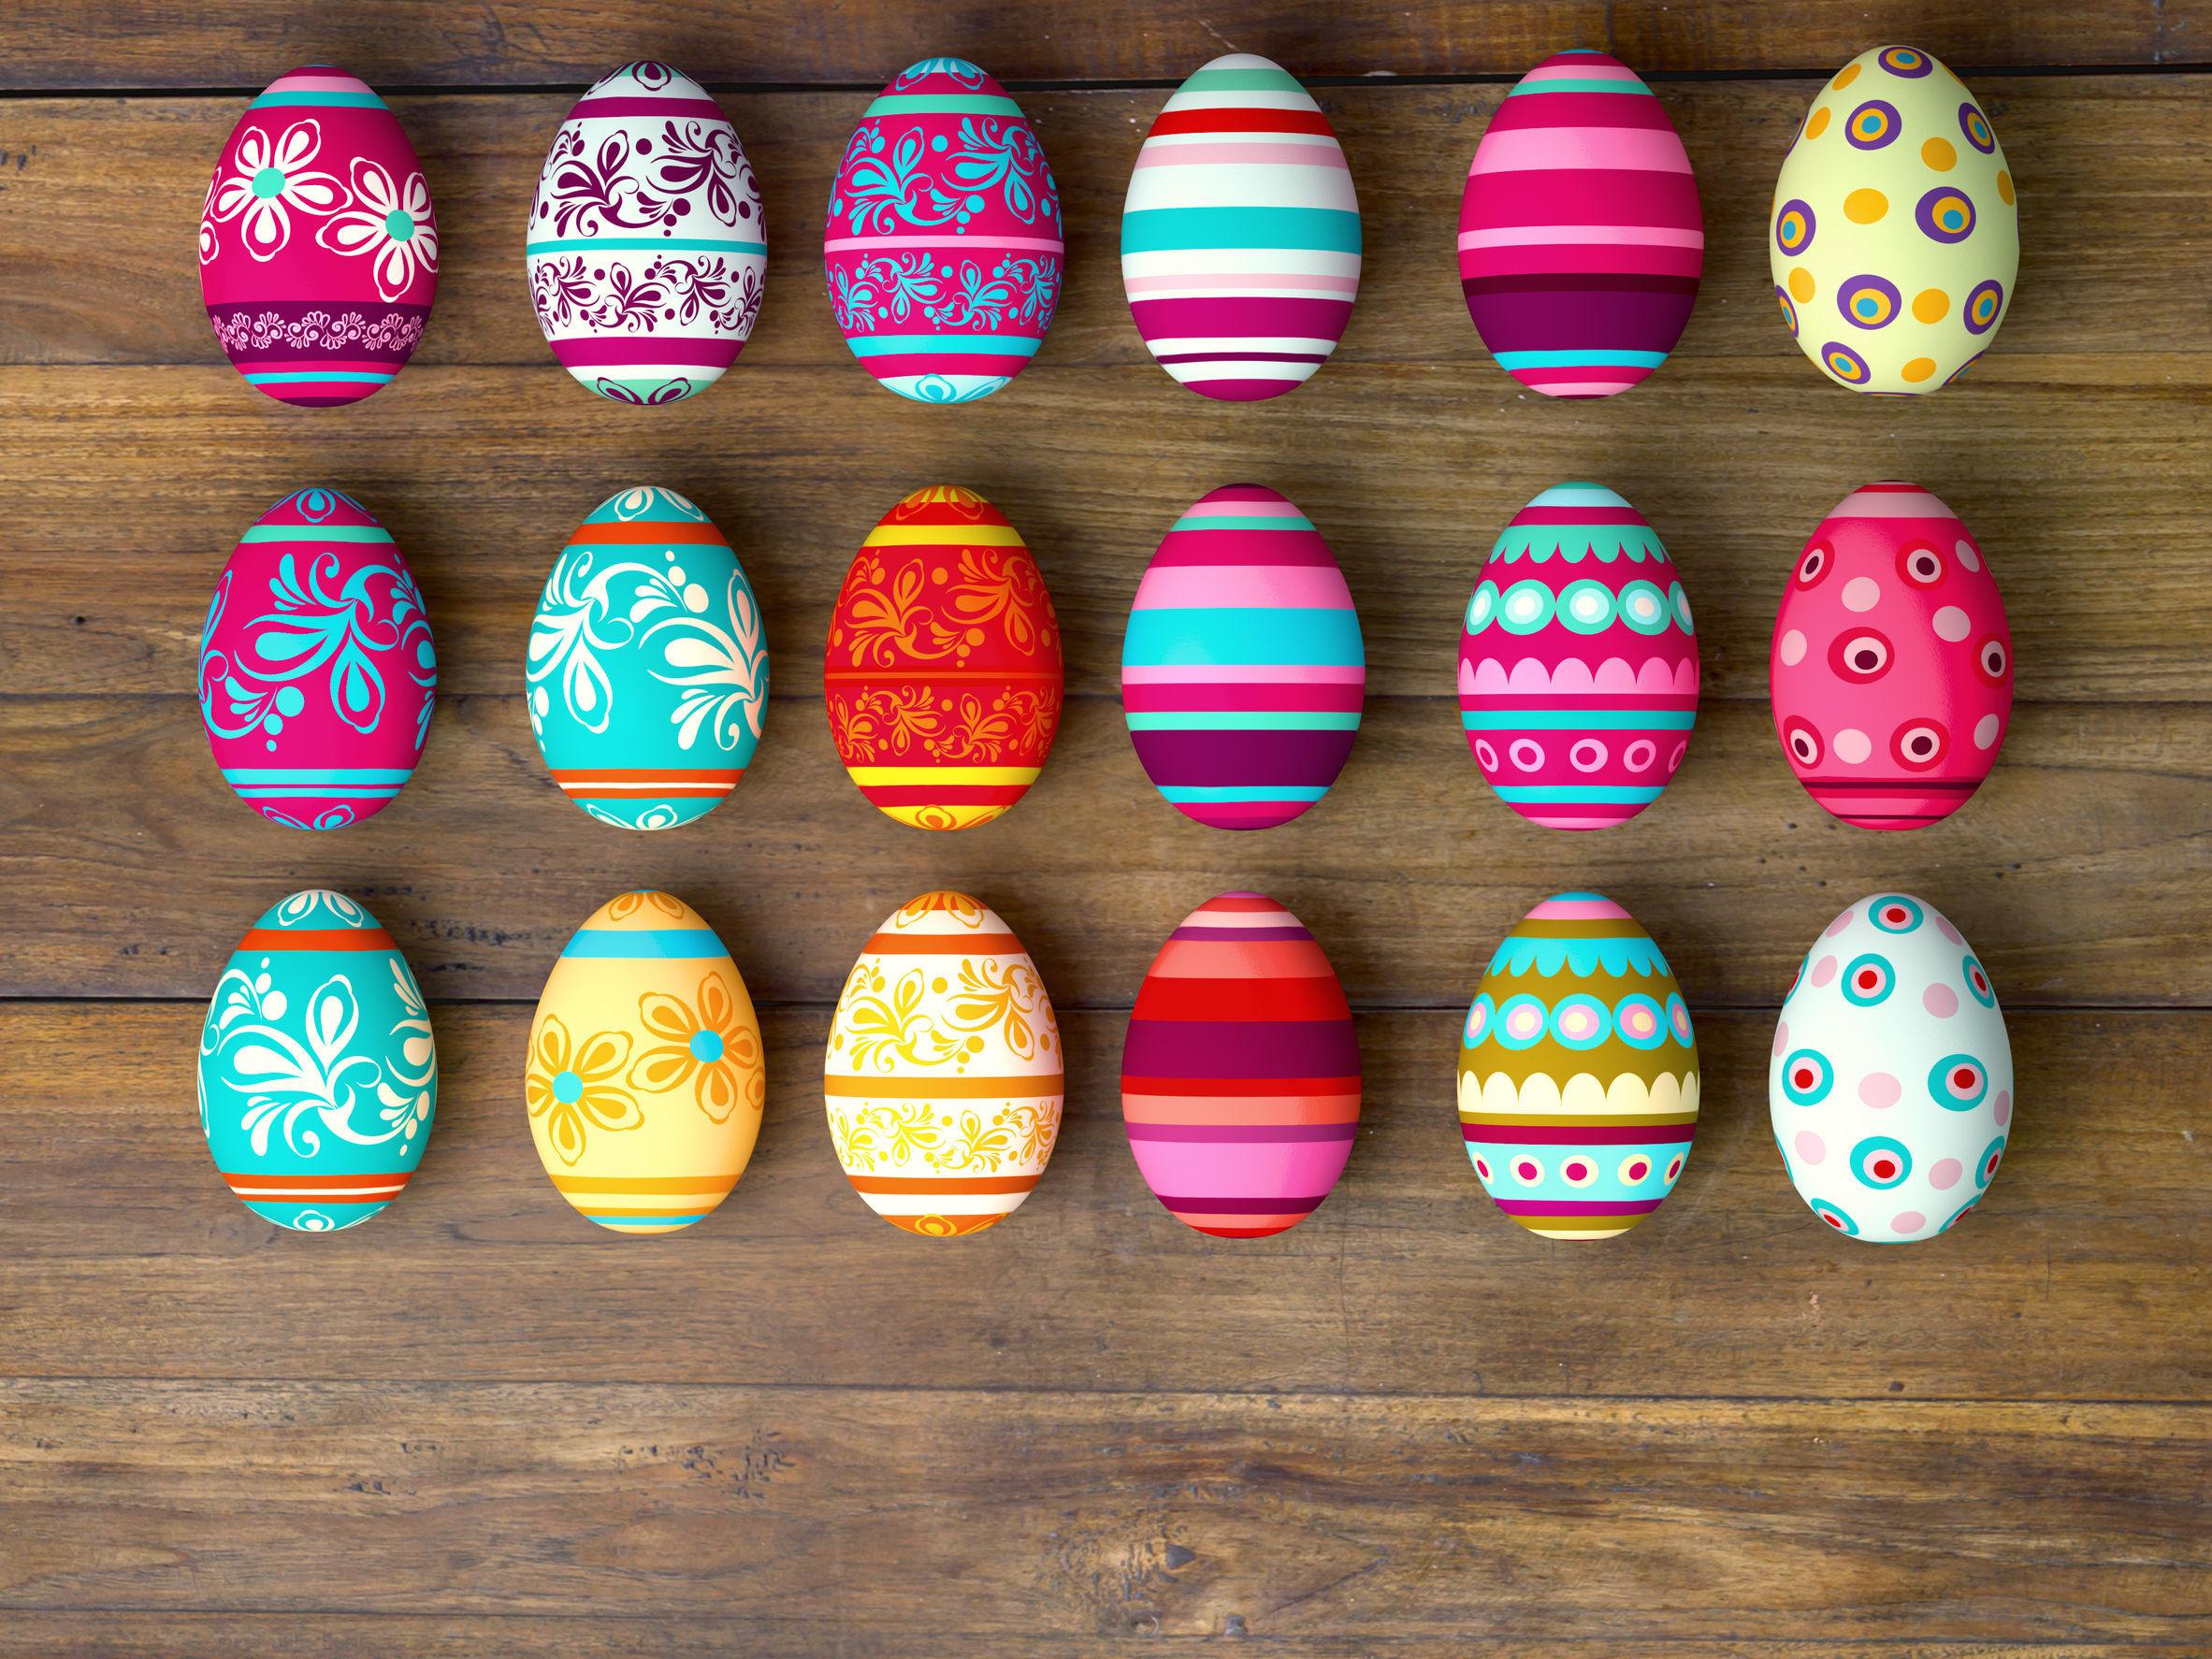 Invenţia care vopseşte rapid cele mai frumoase ouă de Paşte